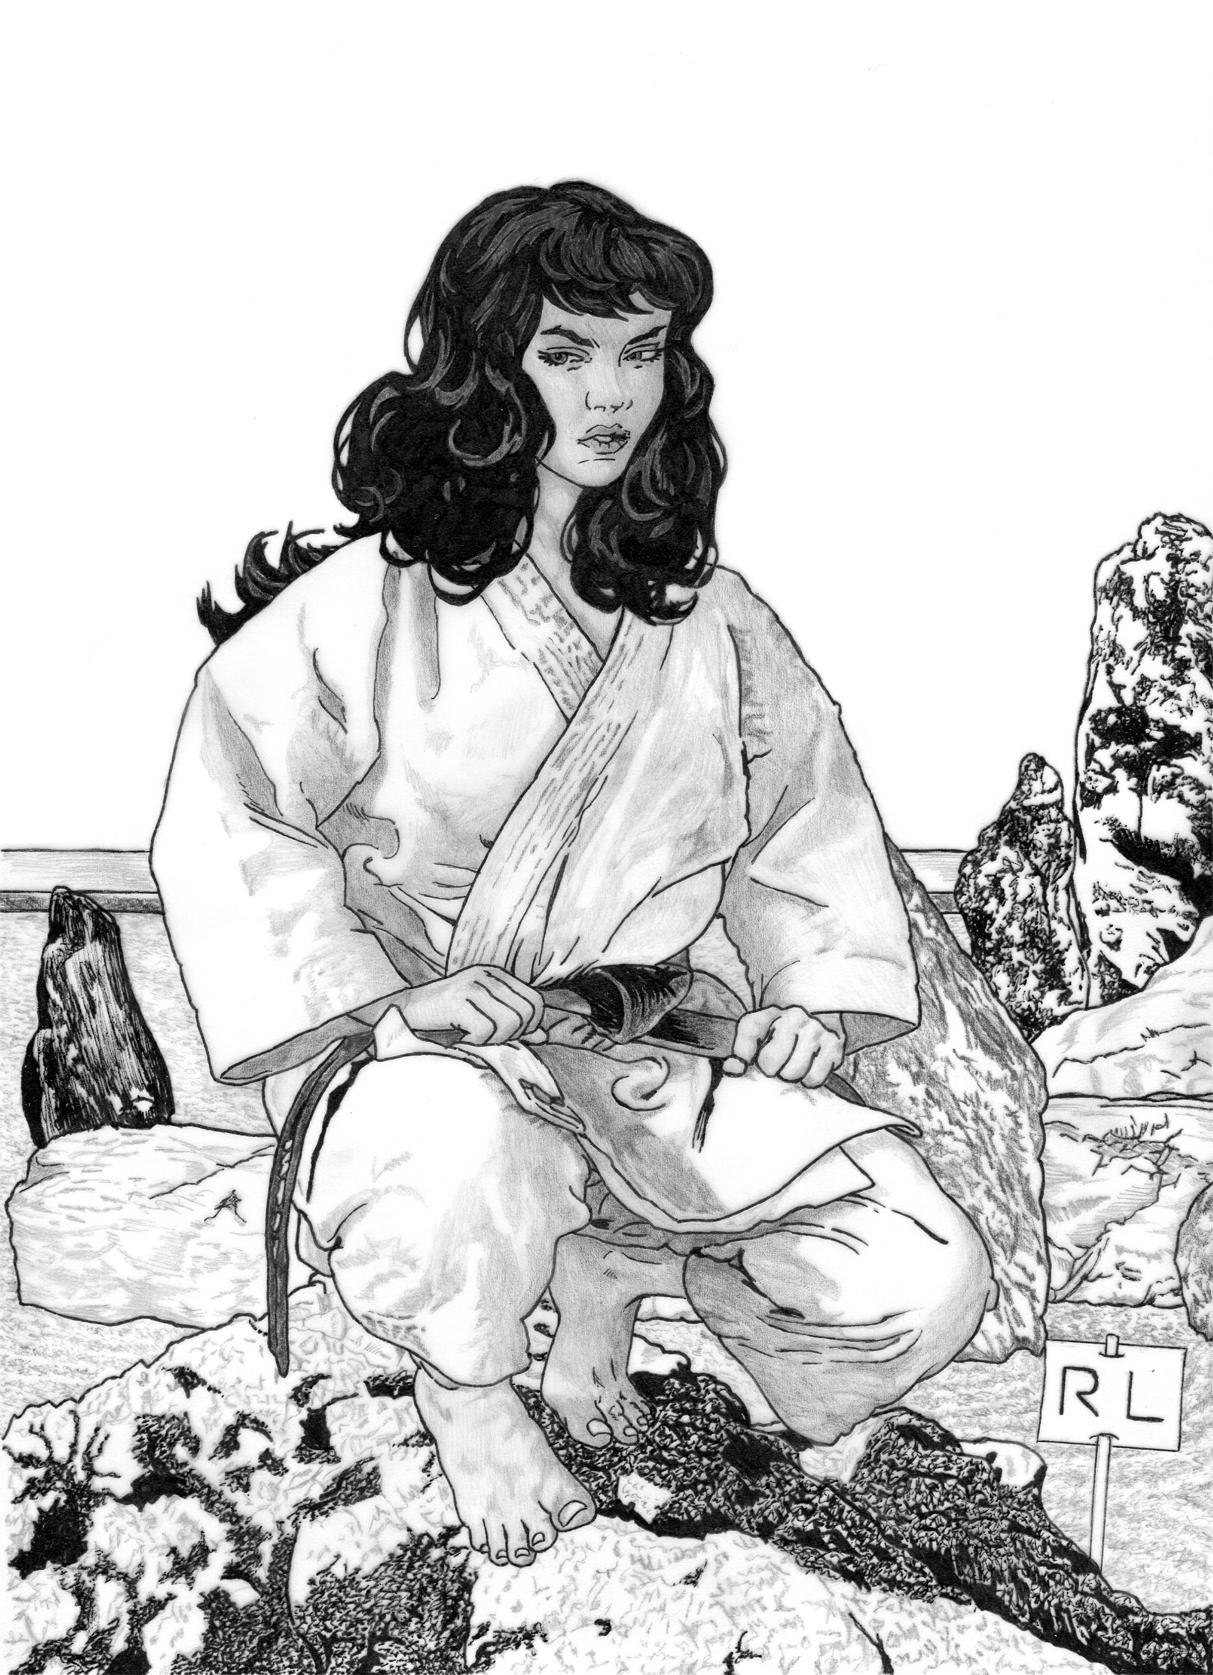 Helena Bertinelli